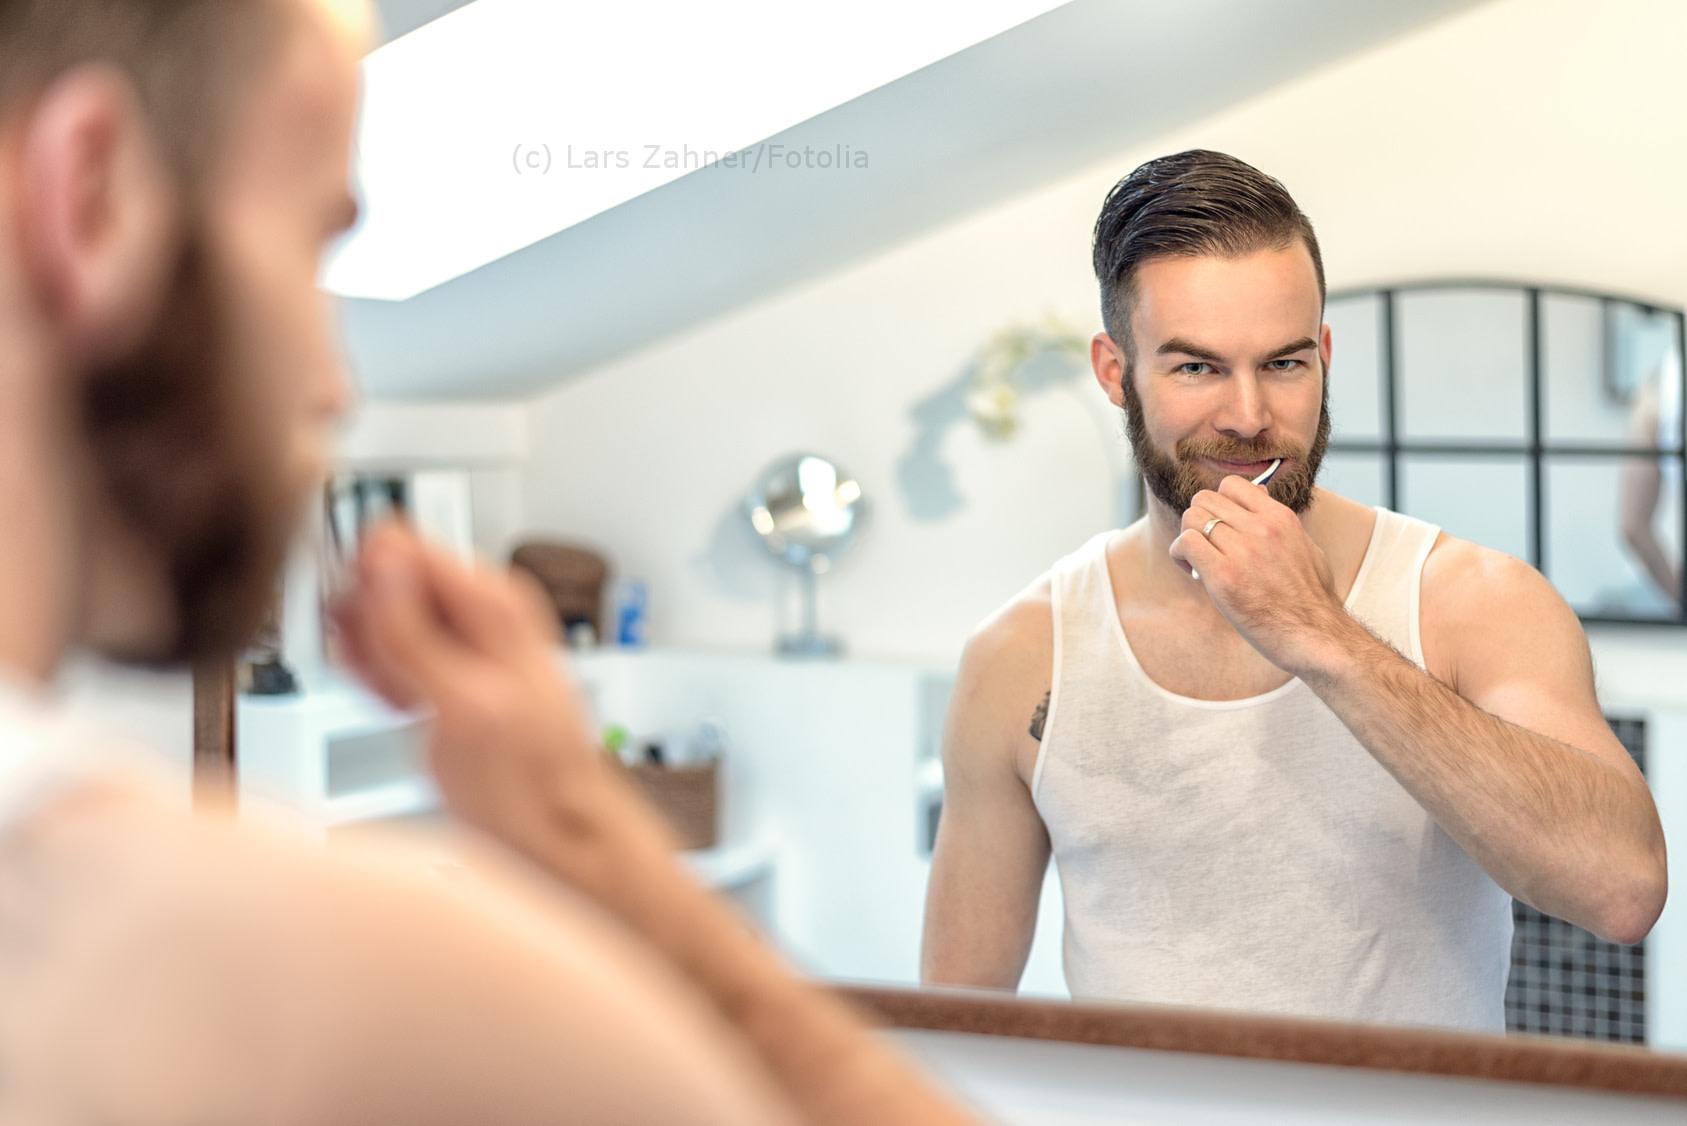 Männer haben trotz schlechterer Zahnhygiene oft die besseren Zähne. - Lars Zahner/Fotolia